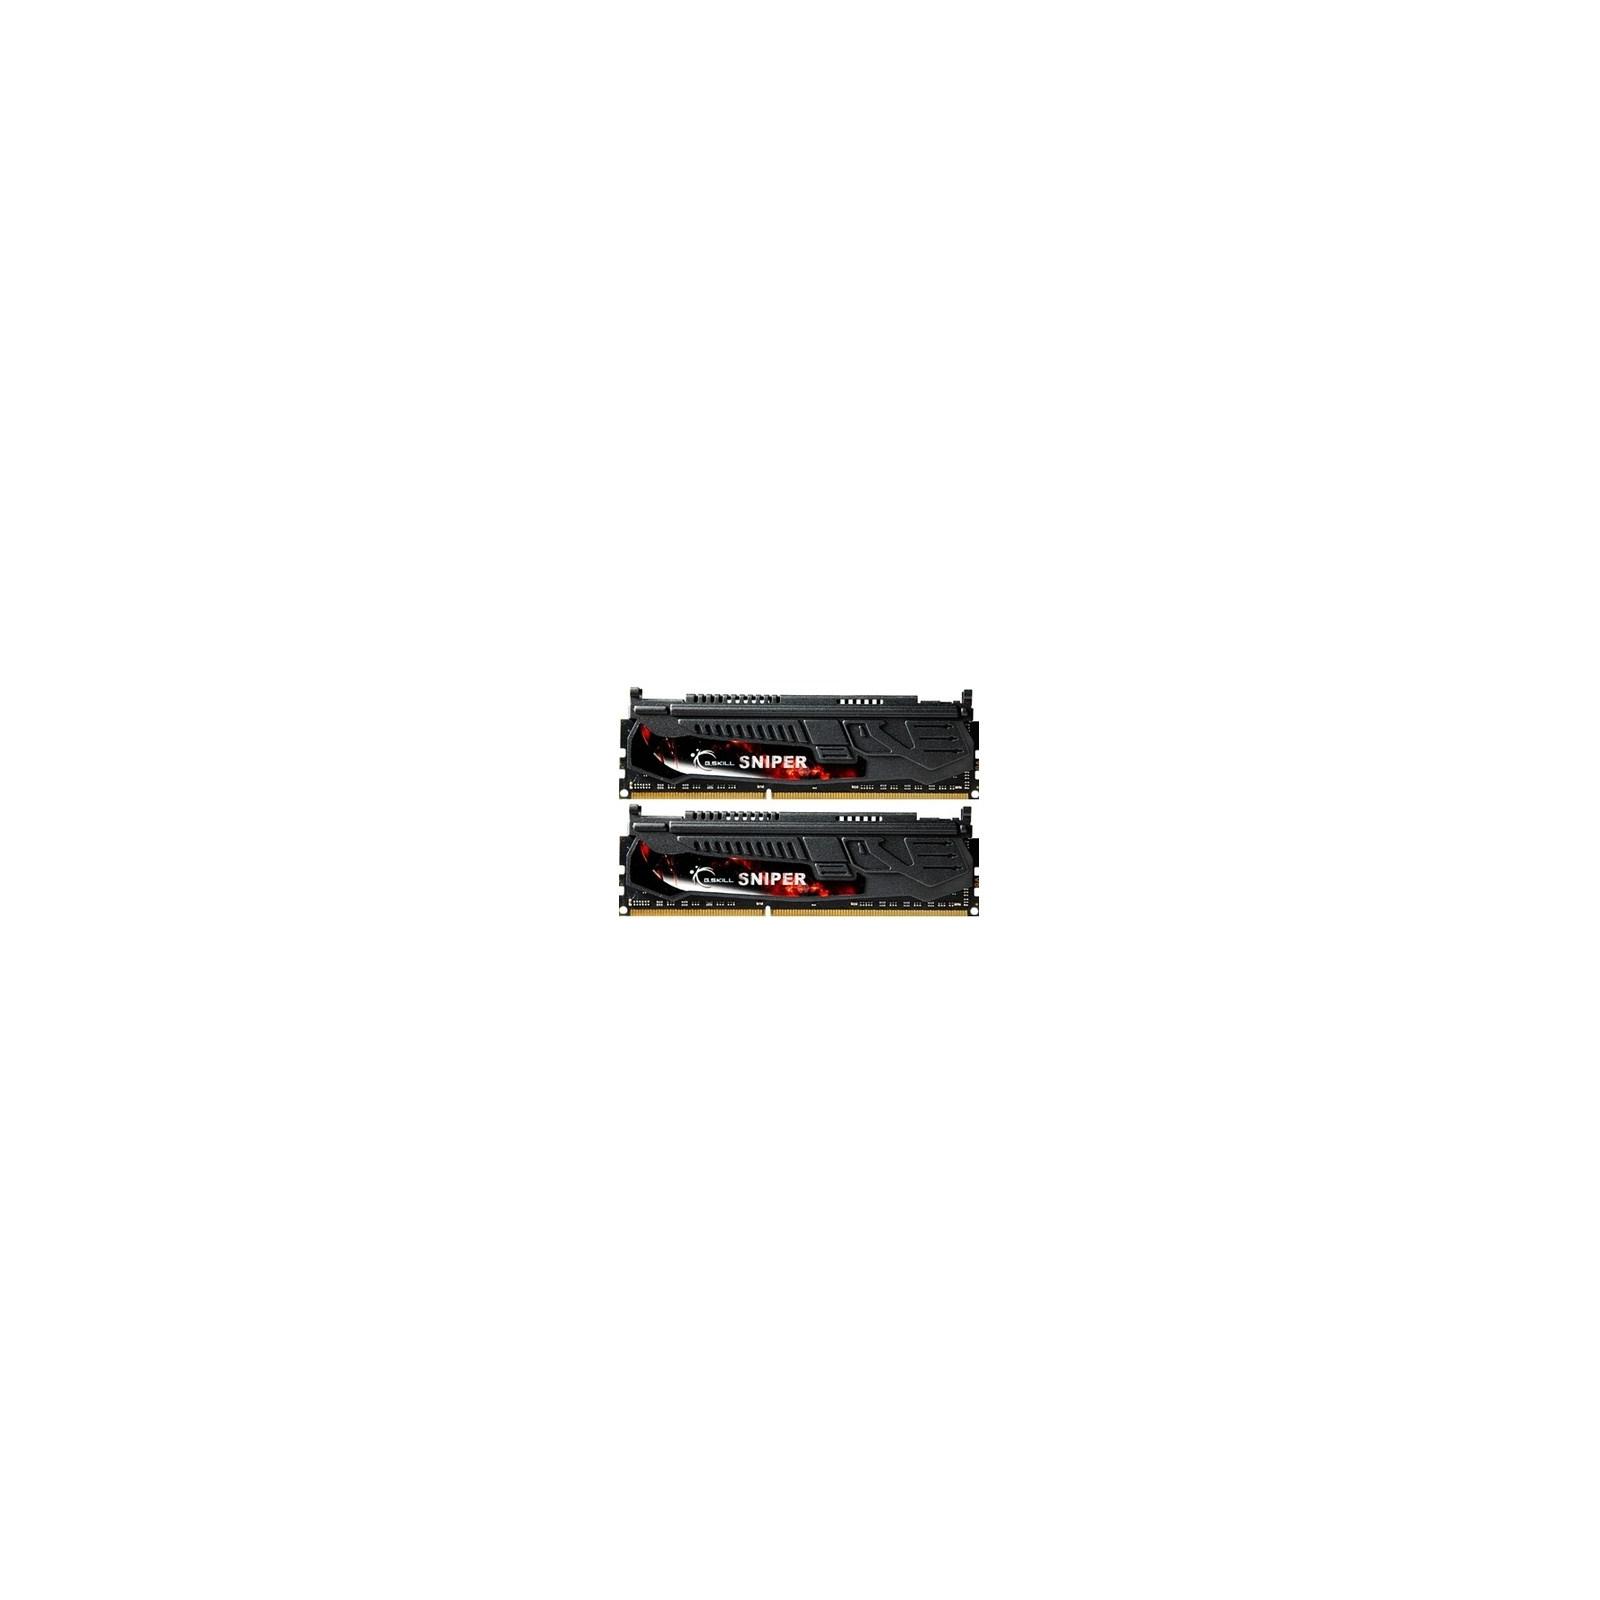 Модуль памяти для компьютера DDR3 8GB (2x4GB) 2133 MHz G.Skill (F3-17000CL11D-8GBSR)